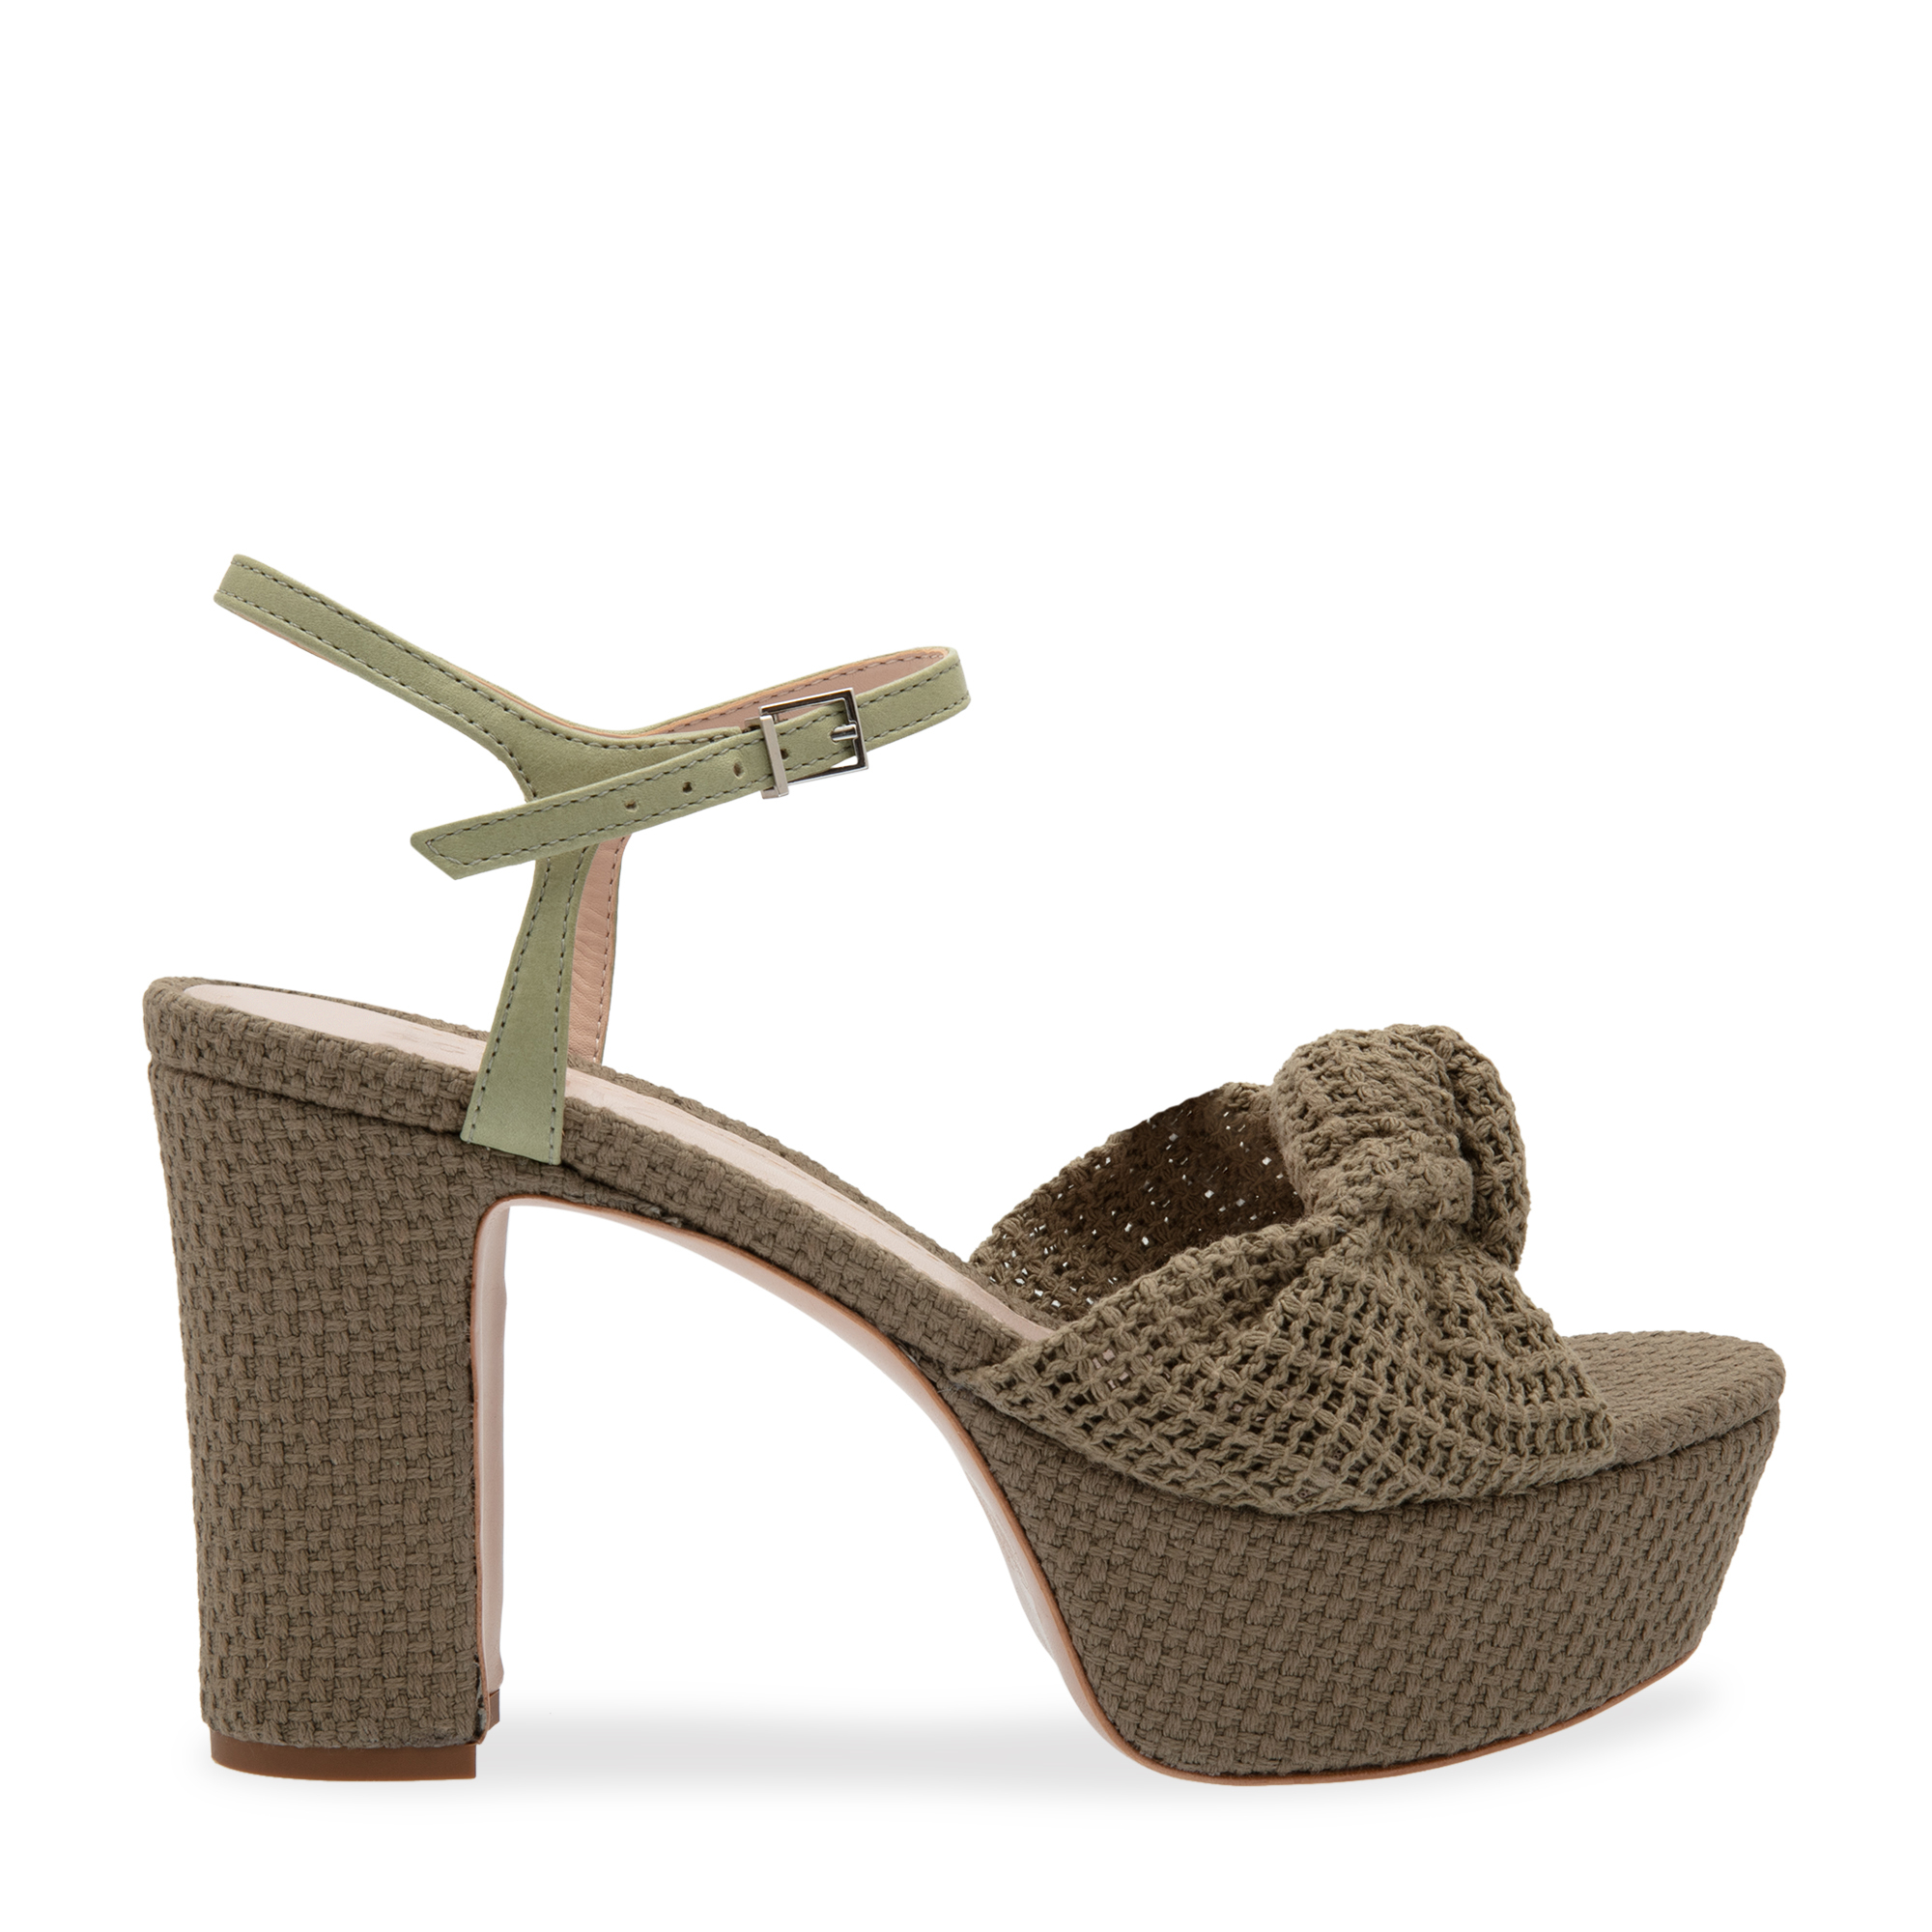 Jorgete sandals